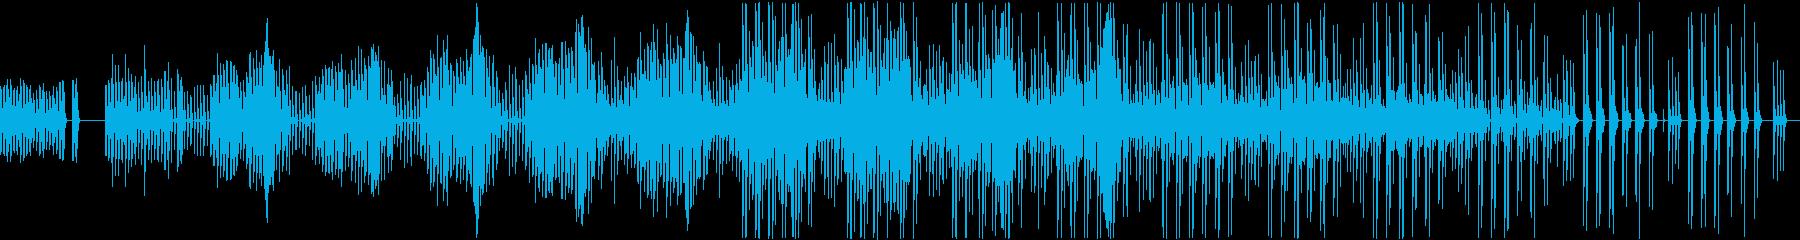 不可解で面白く変なミニマル曲の再生済みの波形